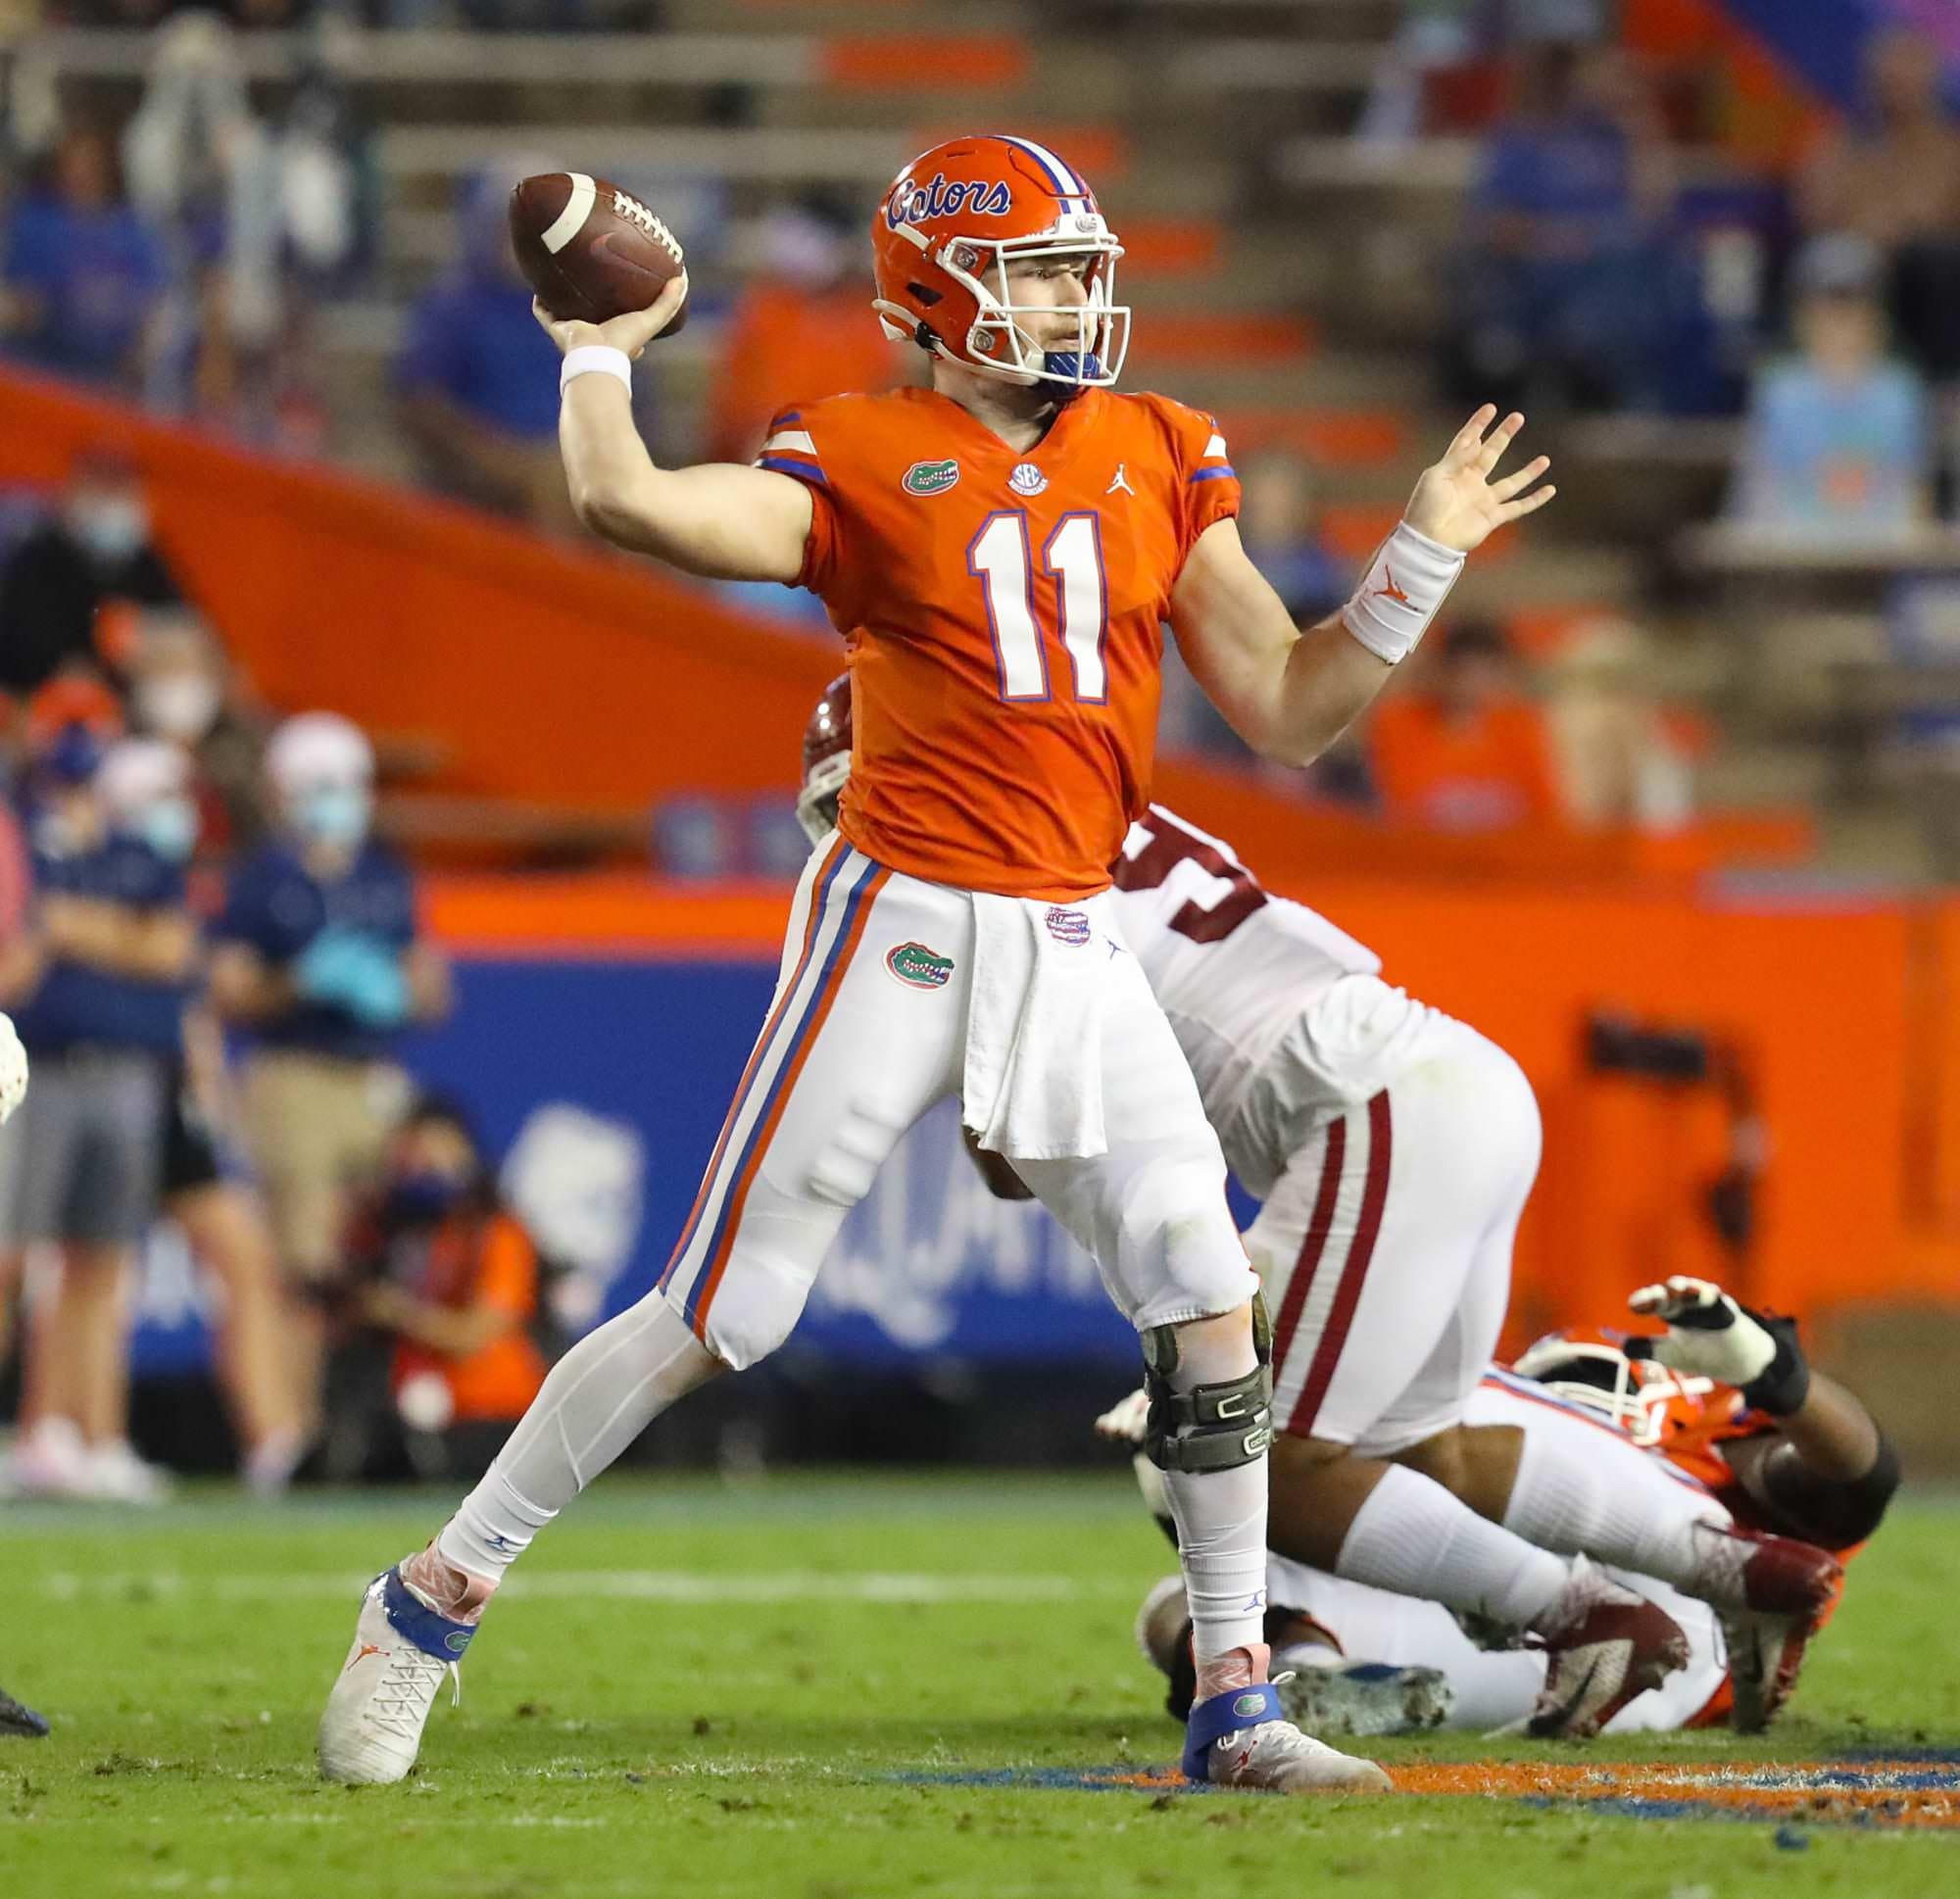 Estudo de filme de Kyle Trask: o estoque de NFL Draft da Florida QB dispara com ascensão semelhante a Joe Burrow